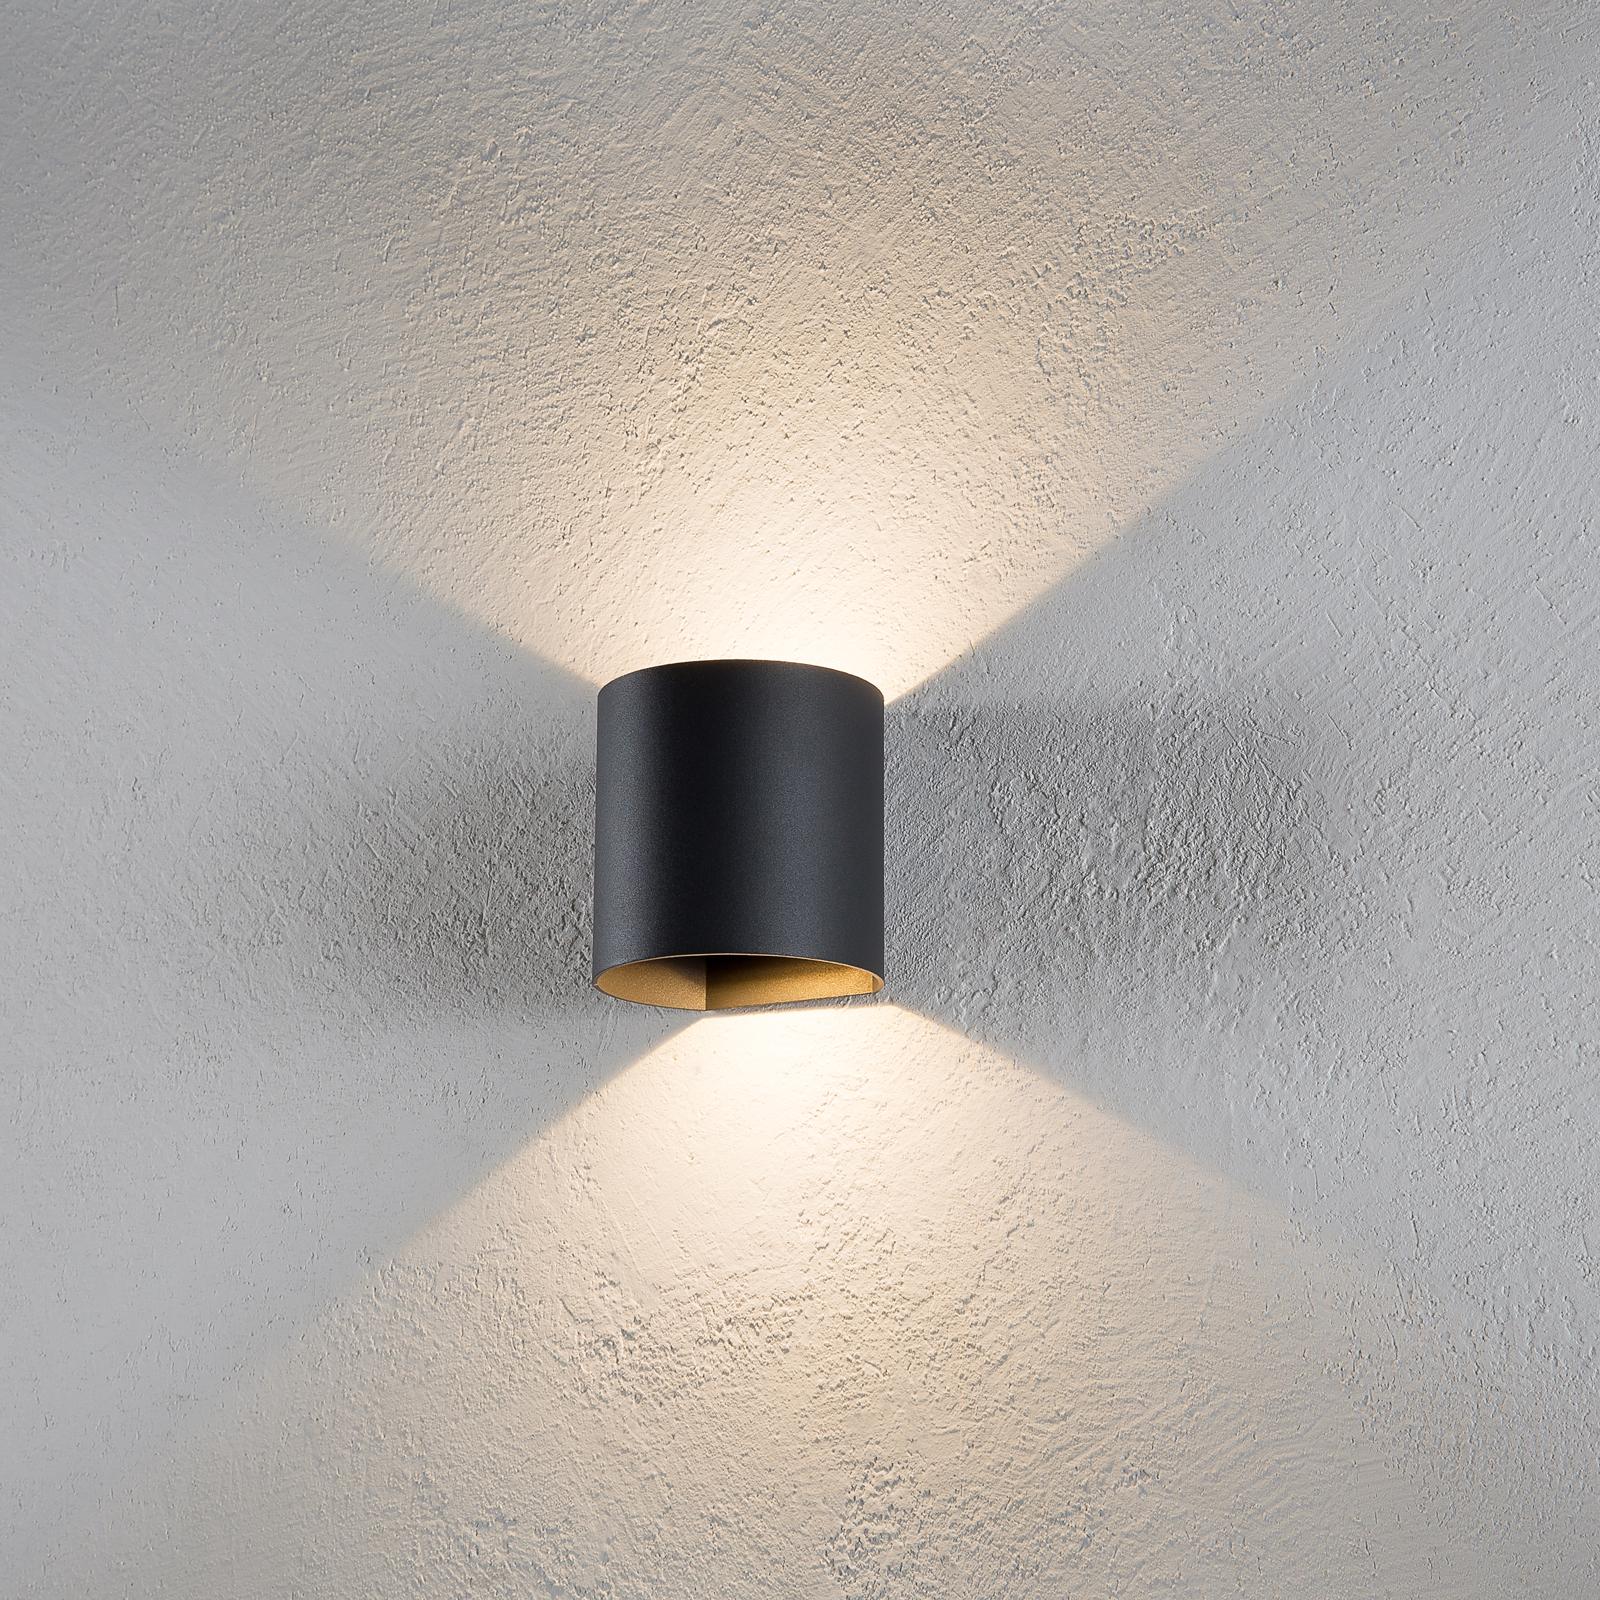 Schlichte LED-Wandlampe Dodd für außen - IP44